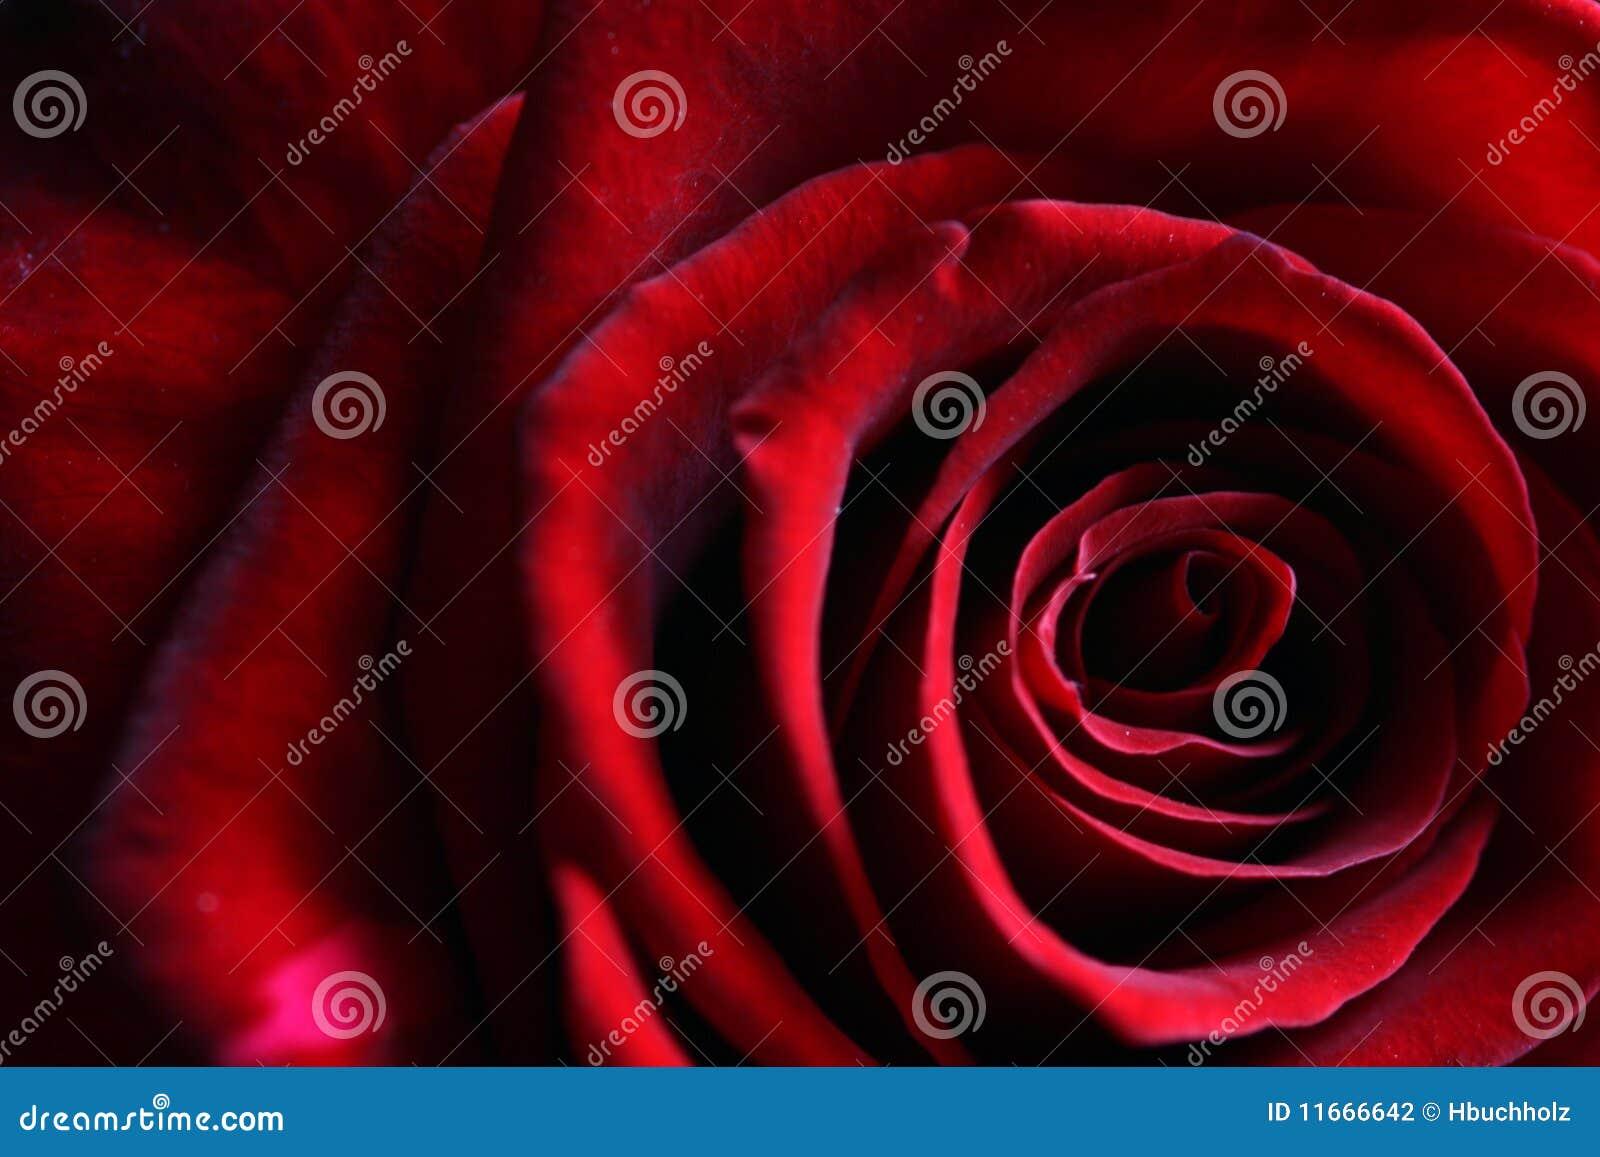 Los pétalos delicados de un rojo oscuro profundo se levantaron